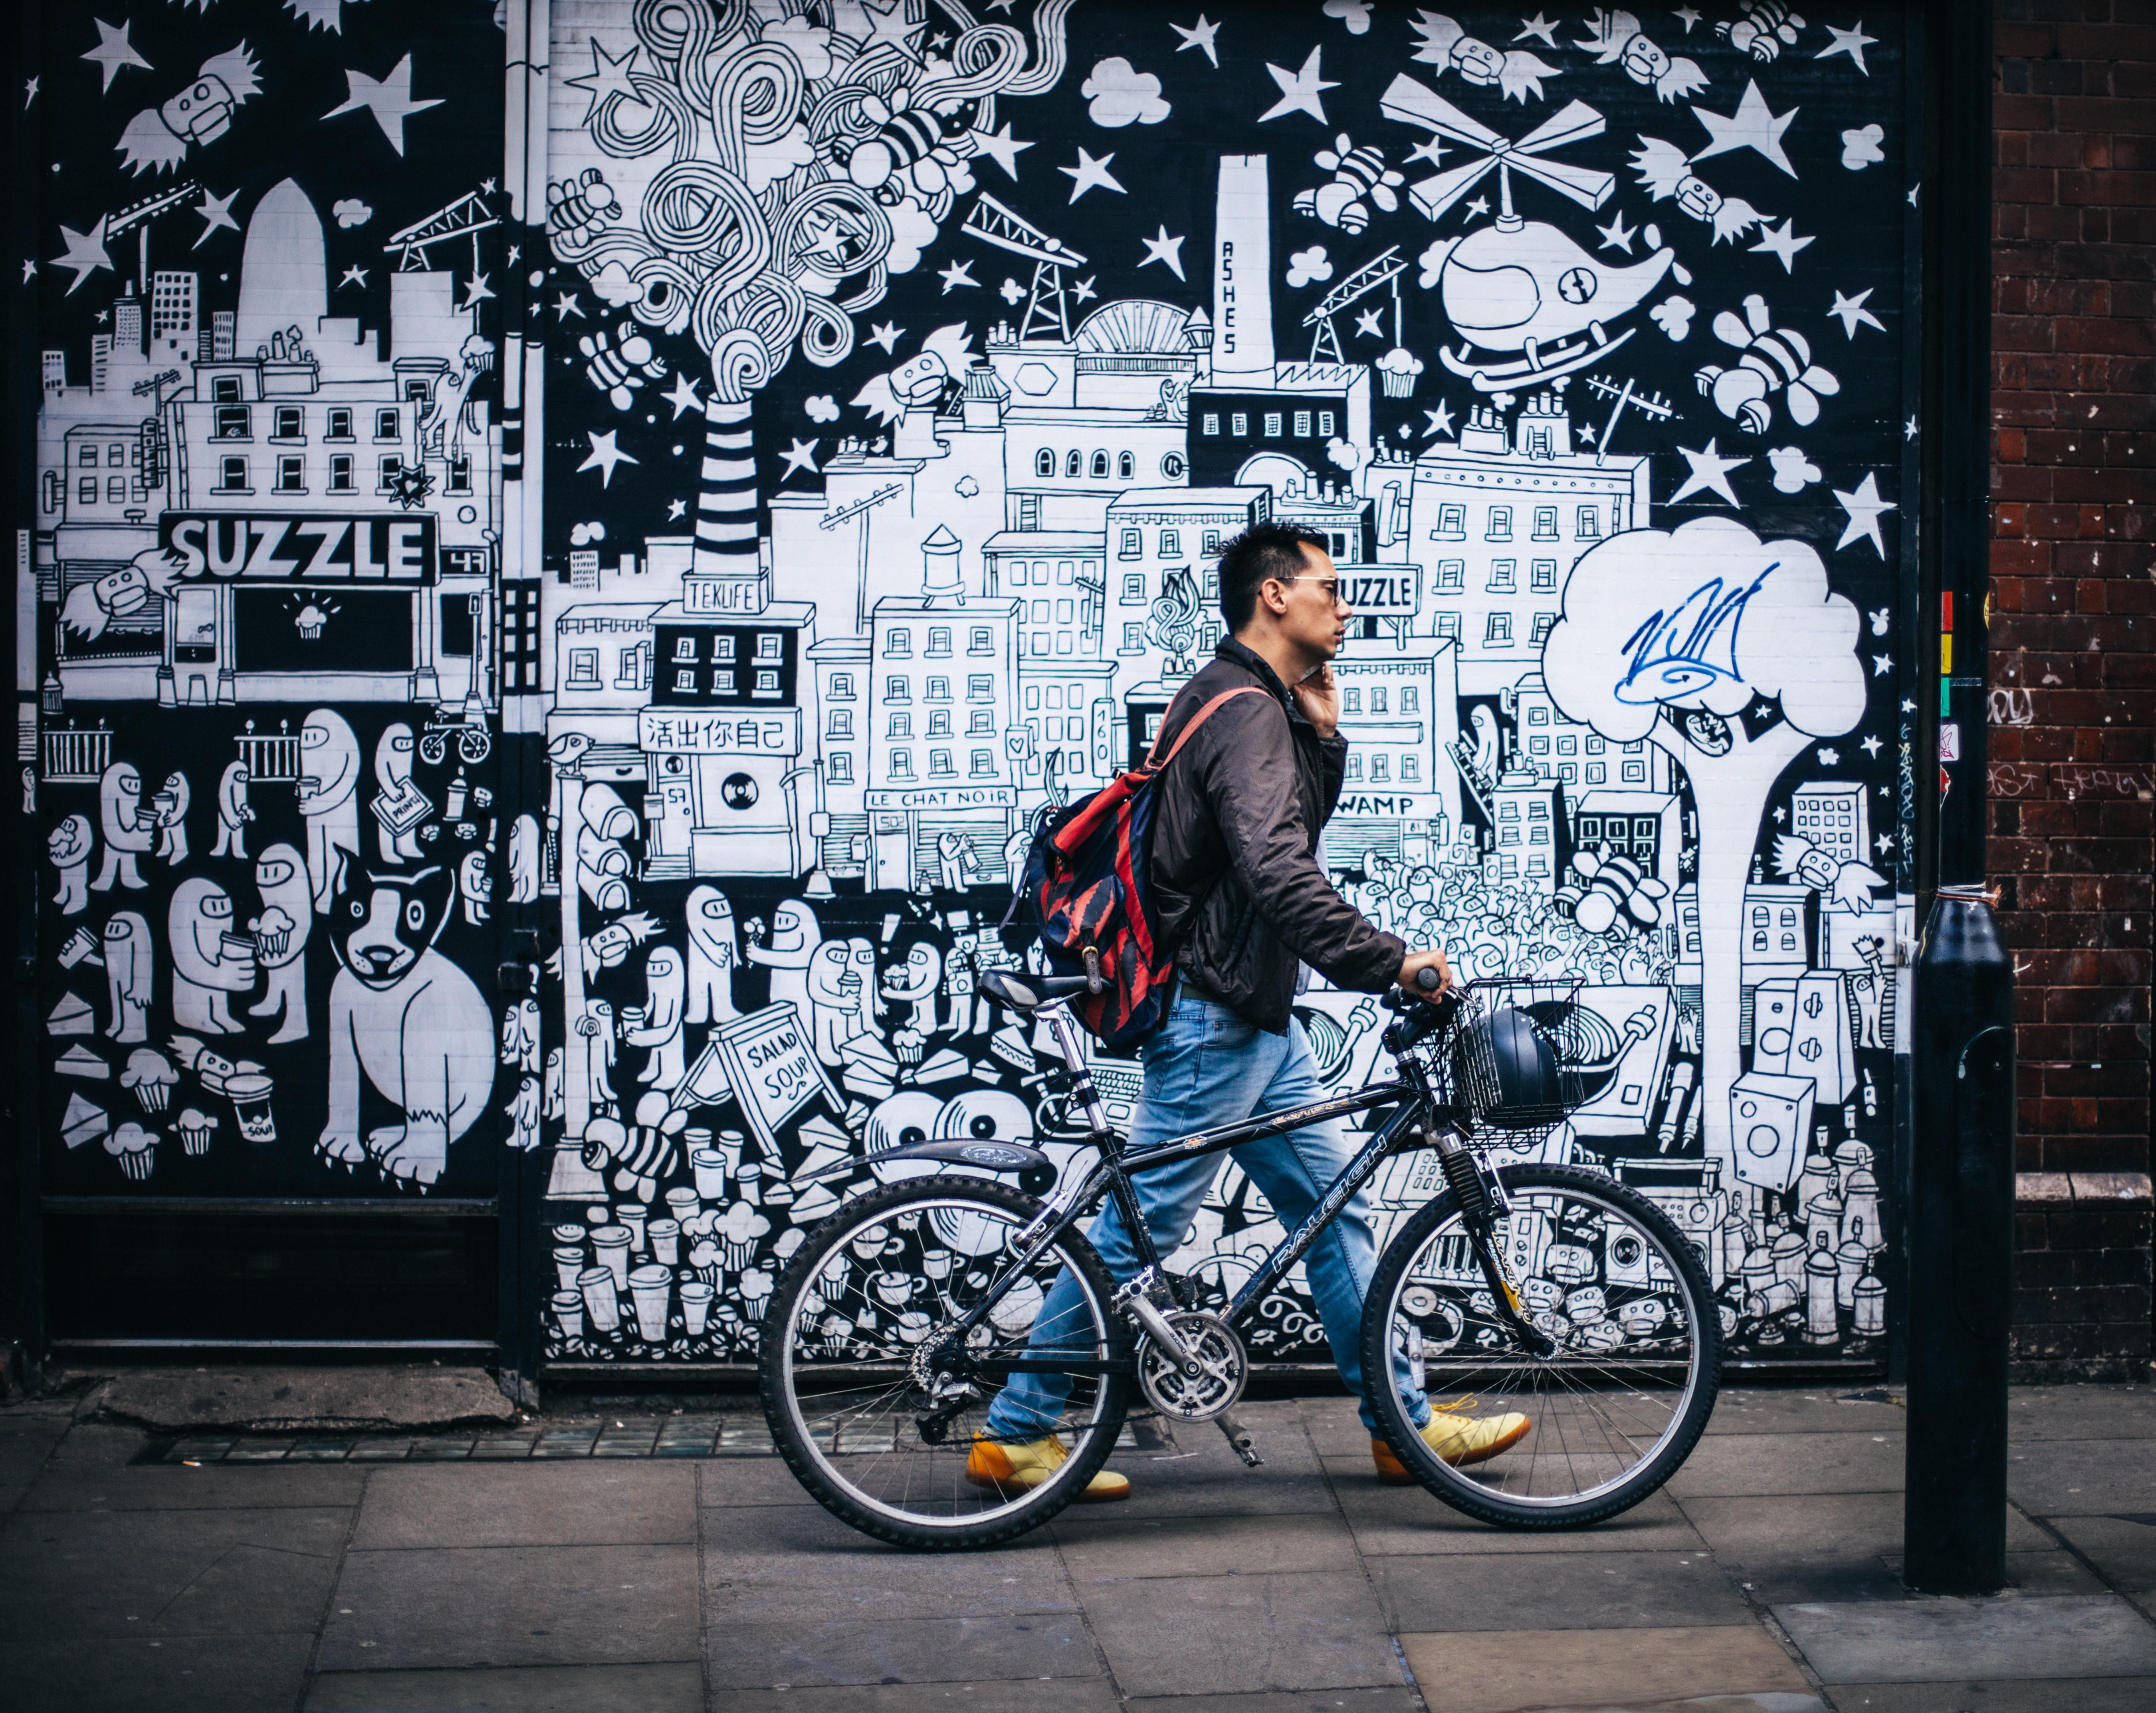 Gambar Manusia Berjalan Jalan Trotoar Kota Perkotaan